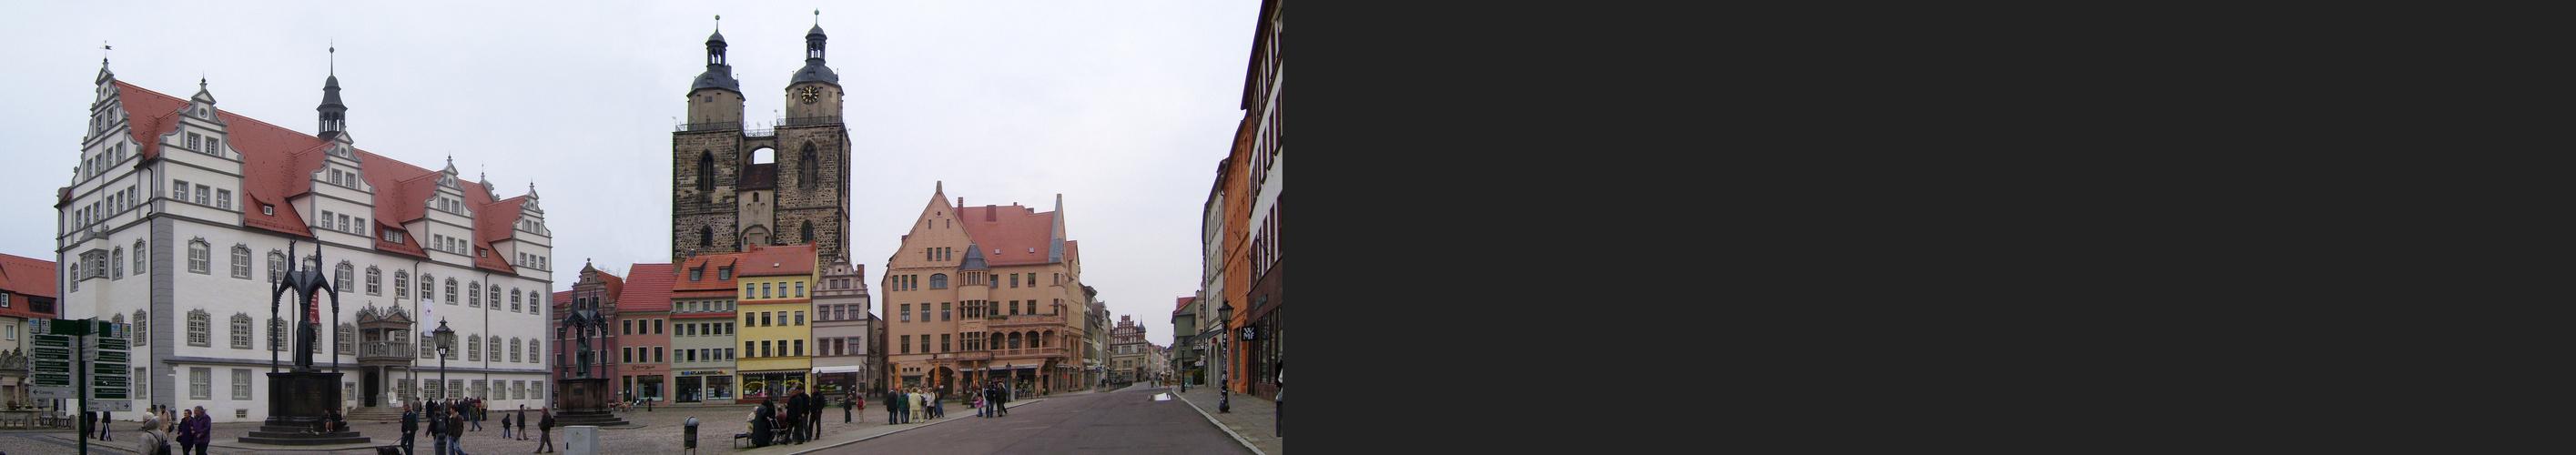 Der Markt zu Wittenberg